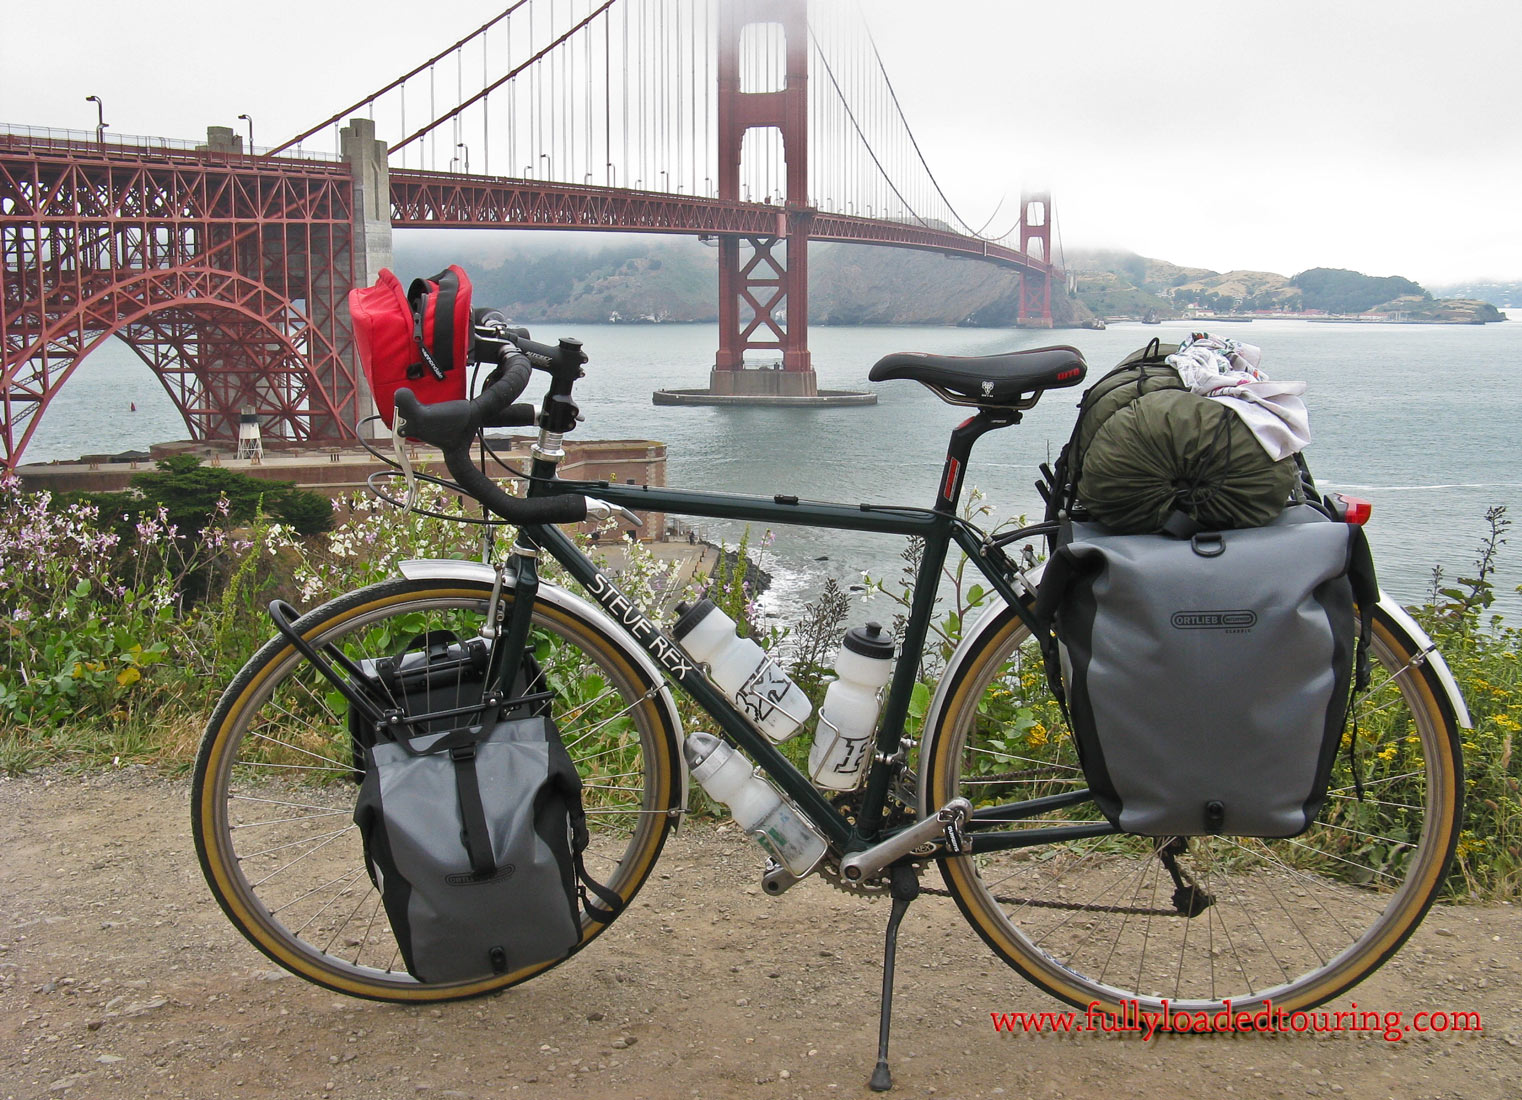 358    Herb - Touring California - Steve Rex Touring touring bike